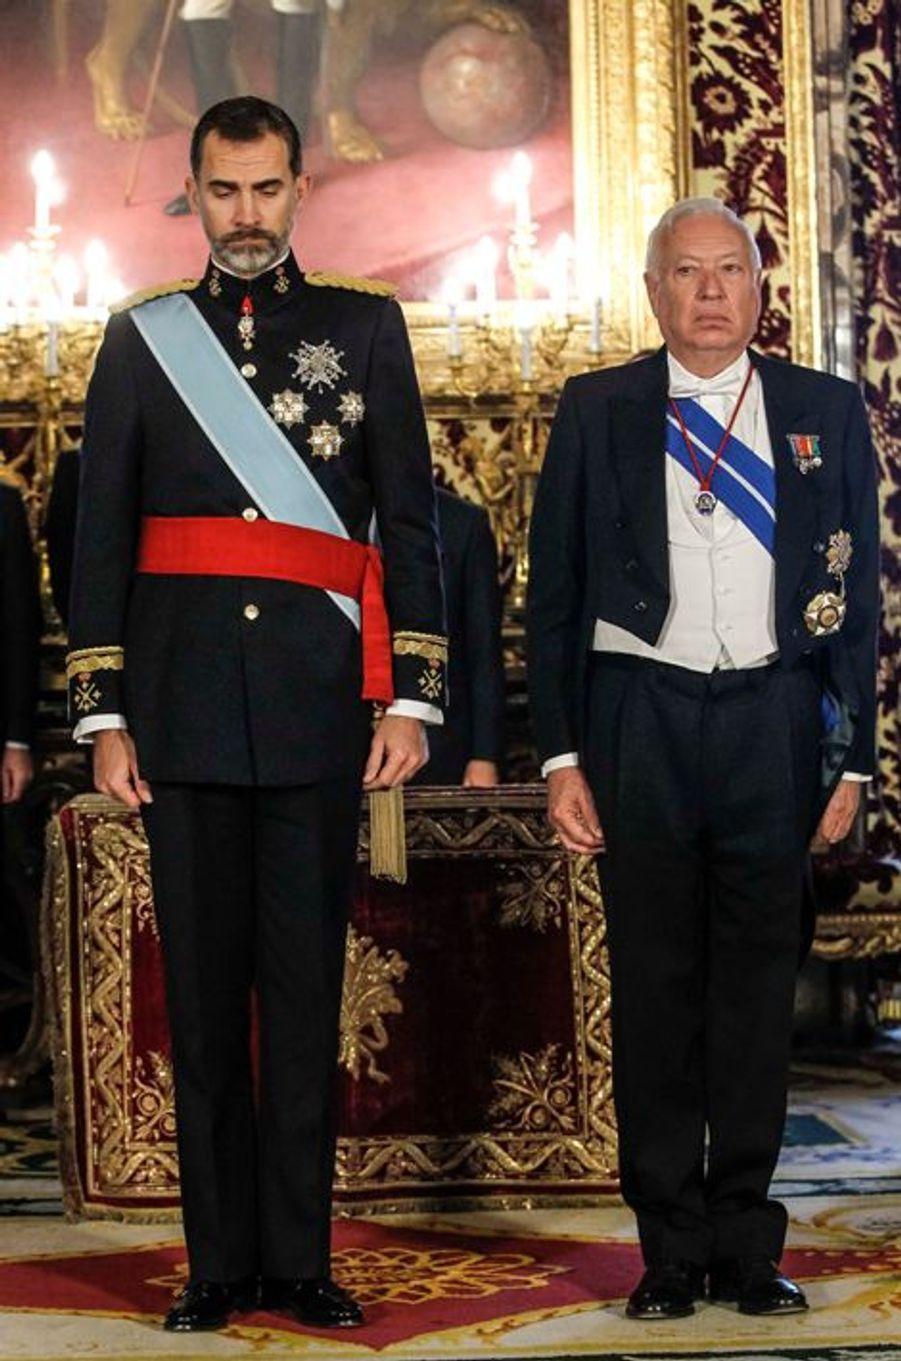 Le roi Felipe VI observe une minute de silence, avec l'un des ministres espagnol, au Palais royal à Madrid le 8 janvier 2015